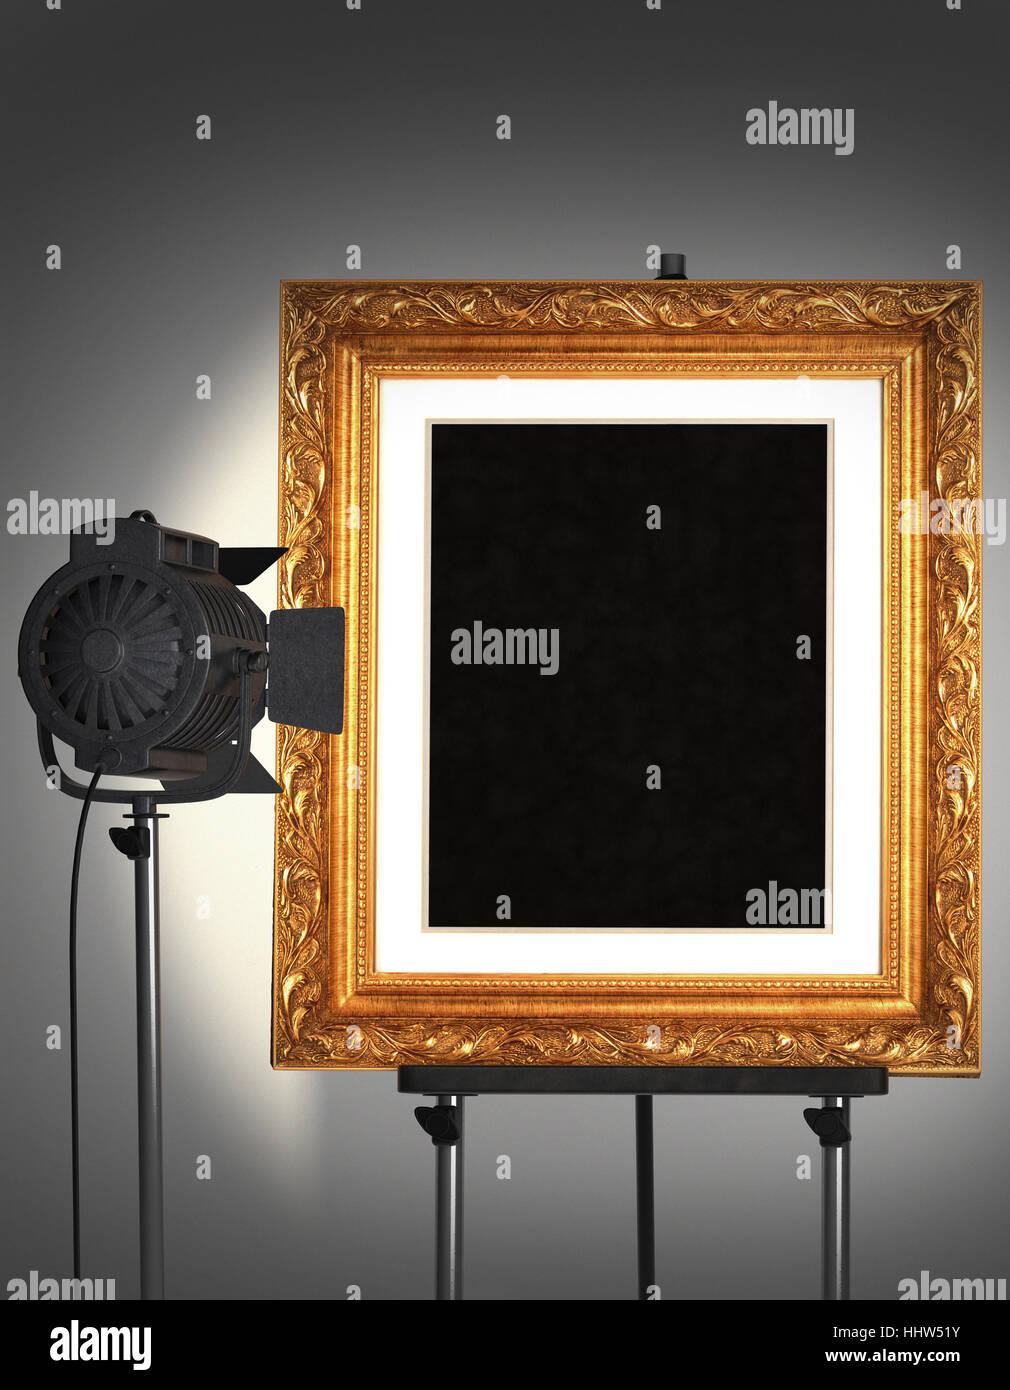 Arte, Museo, vacía, caballete, galería, bastidor, oro, marco ...